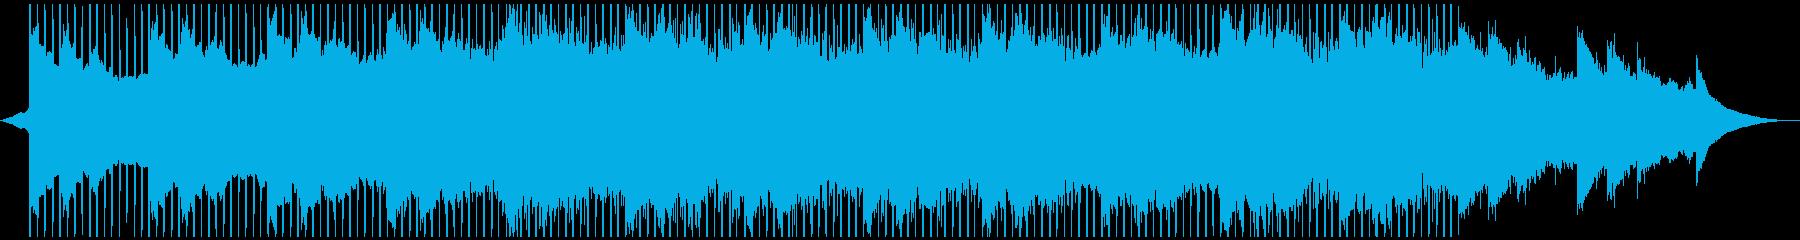 アンビエントミュージック テクノロ...の再生済みの波形